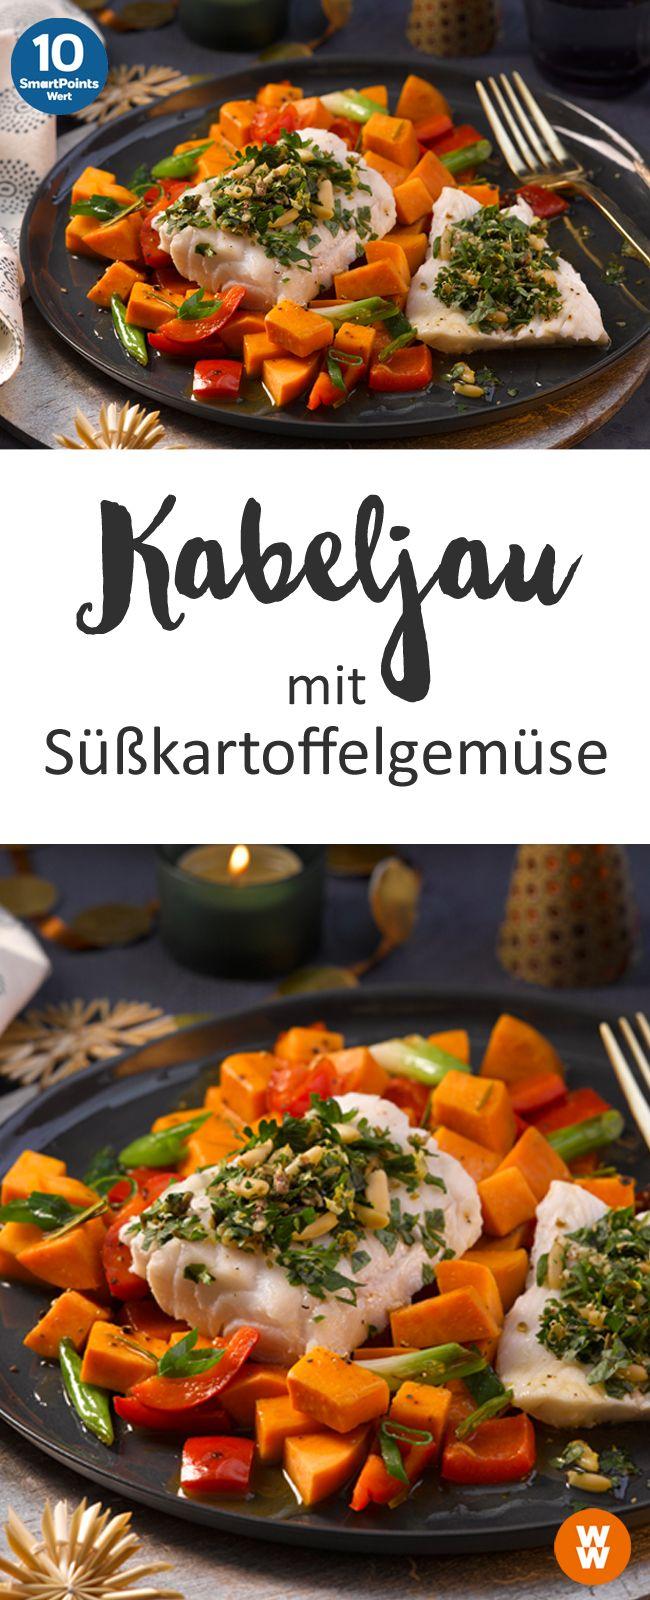 Kabeljau mit Süßkartoffelgemüse, Hauptgericht, Fisch | Weight Watchers